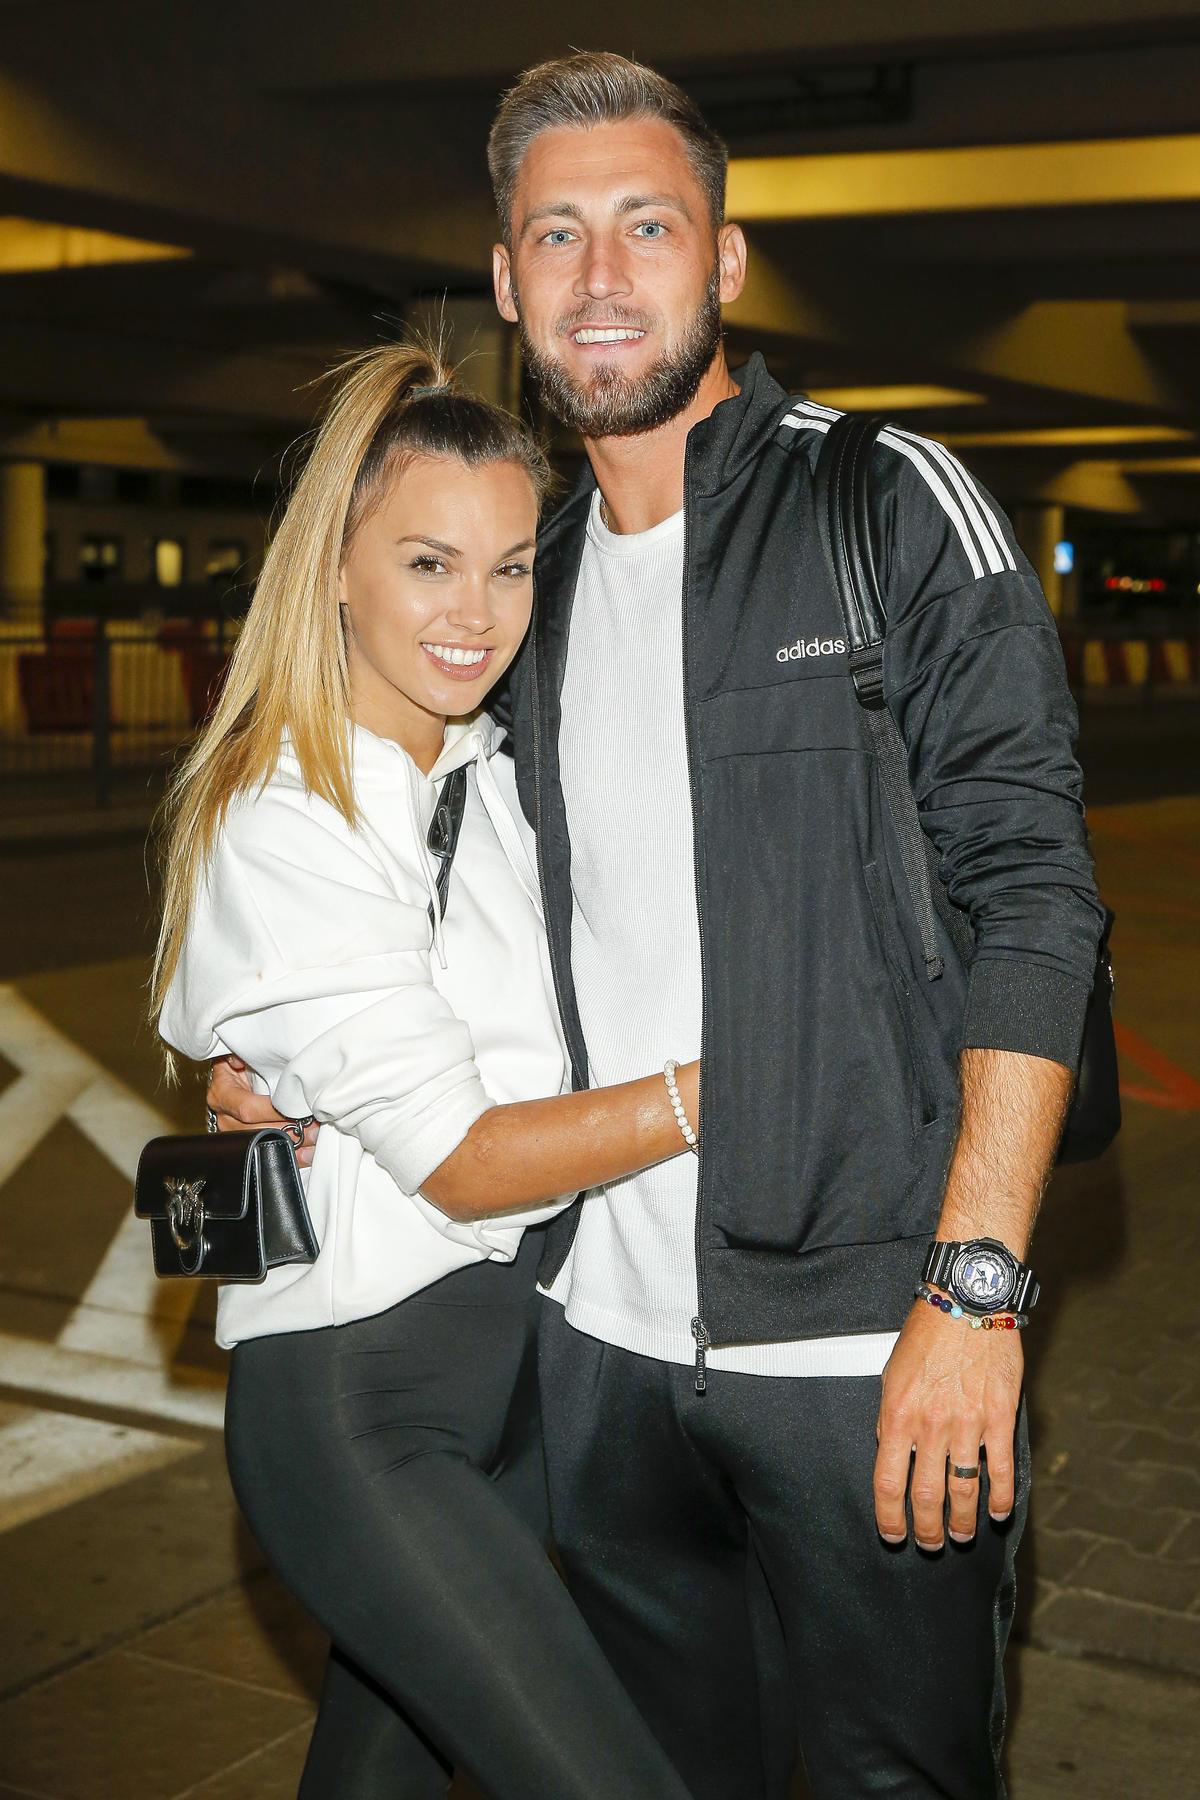 Paulina i Andrzej parą po powrocie. Poznali swoich rodziców?